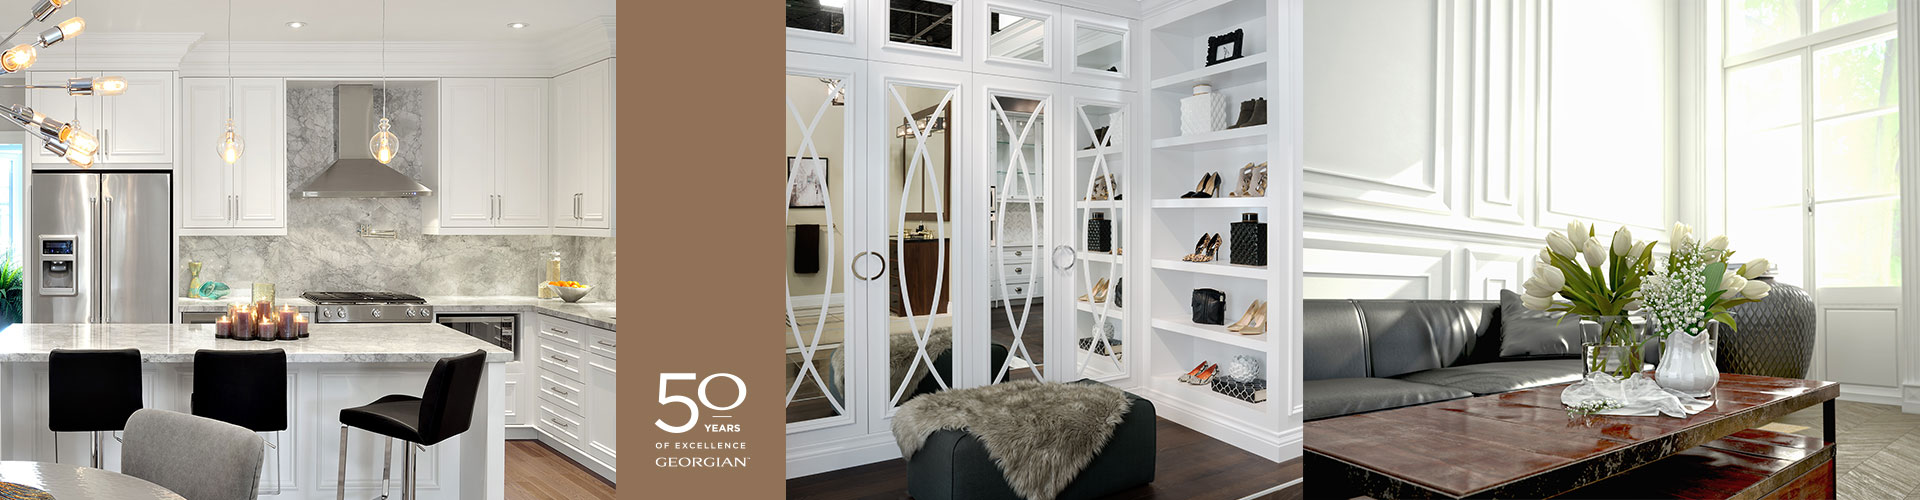 Georgian Luxury Toronto Renovator